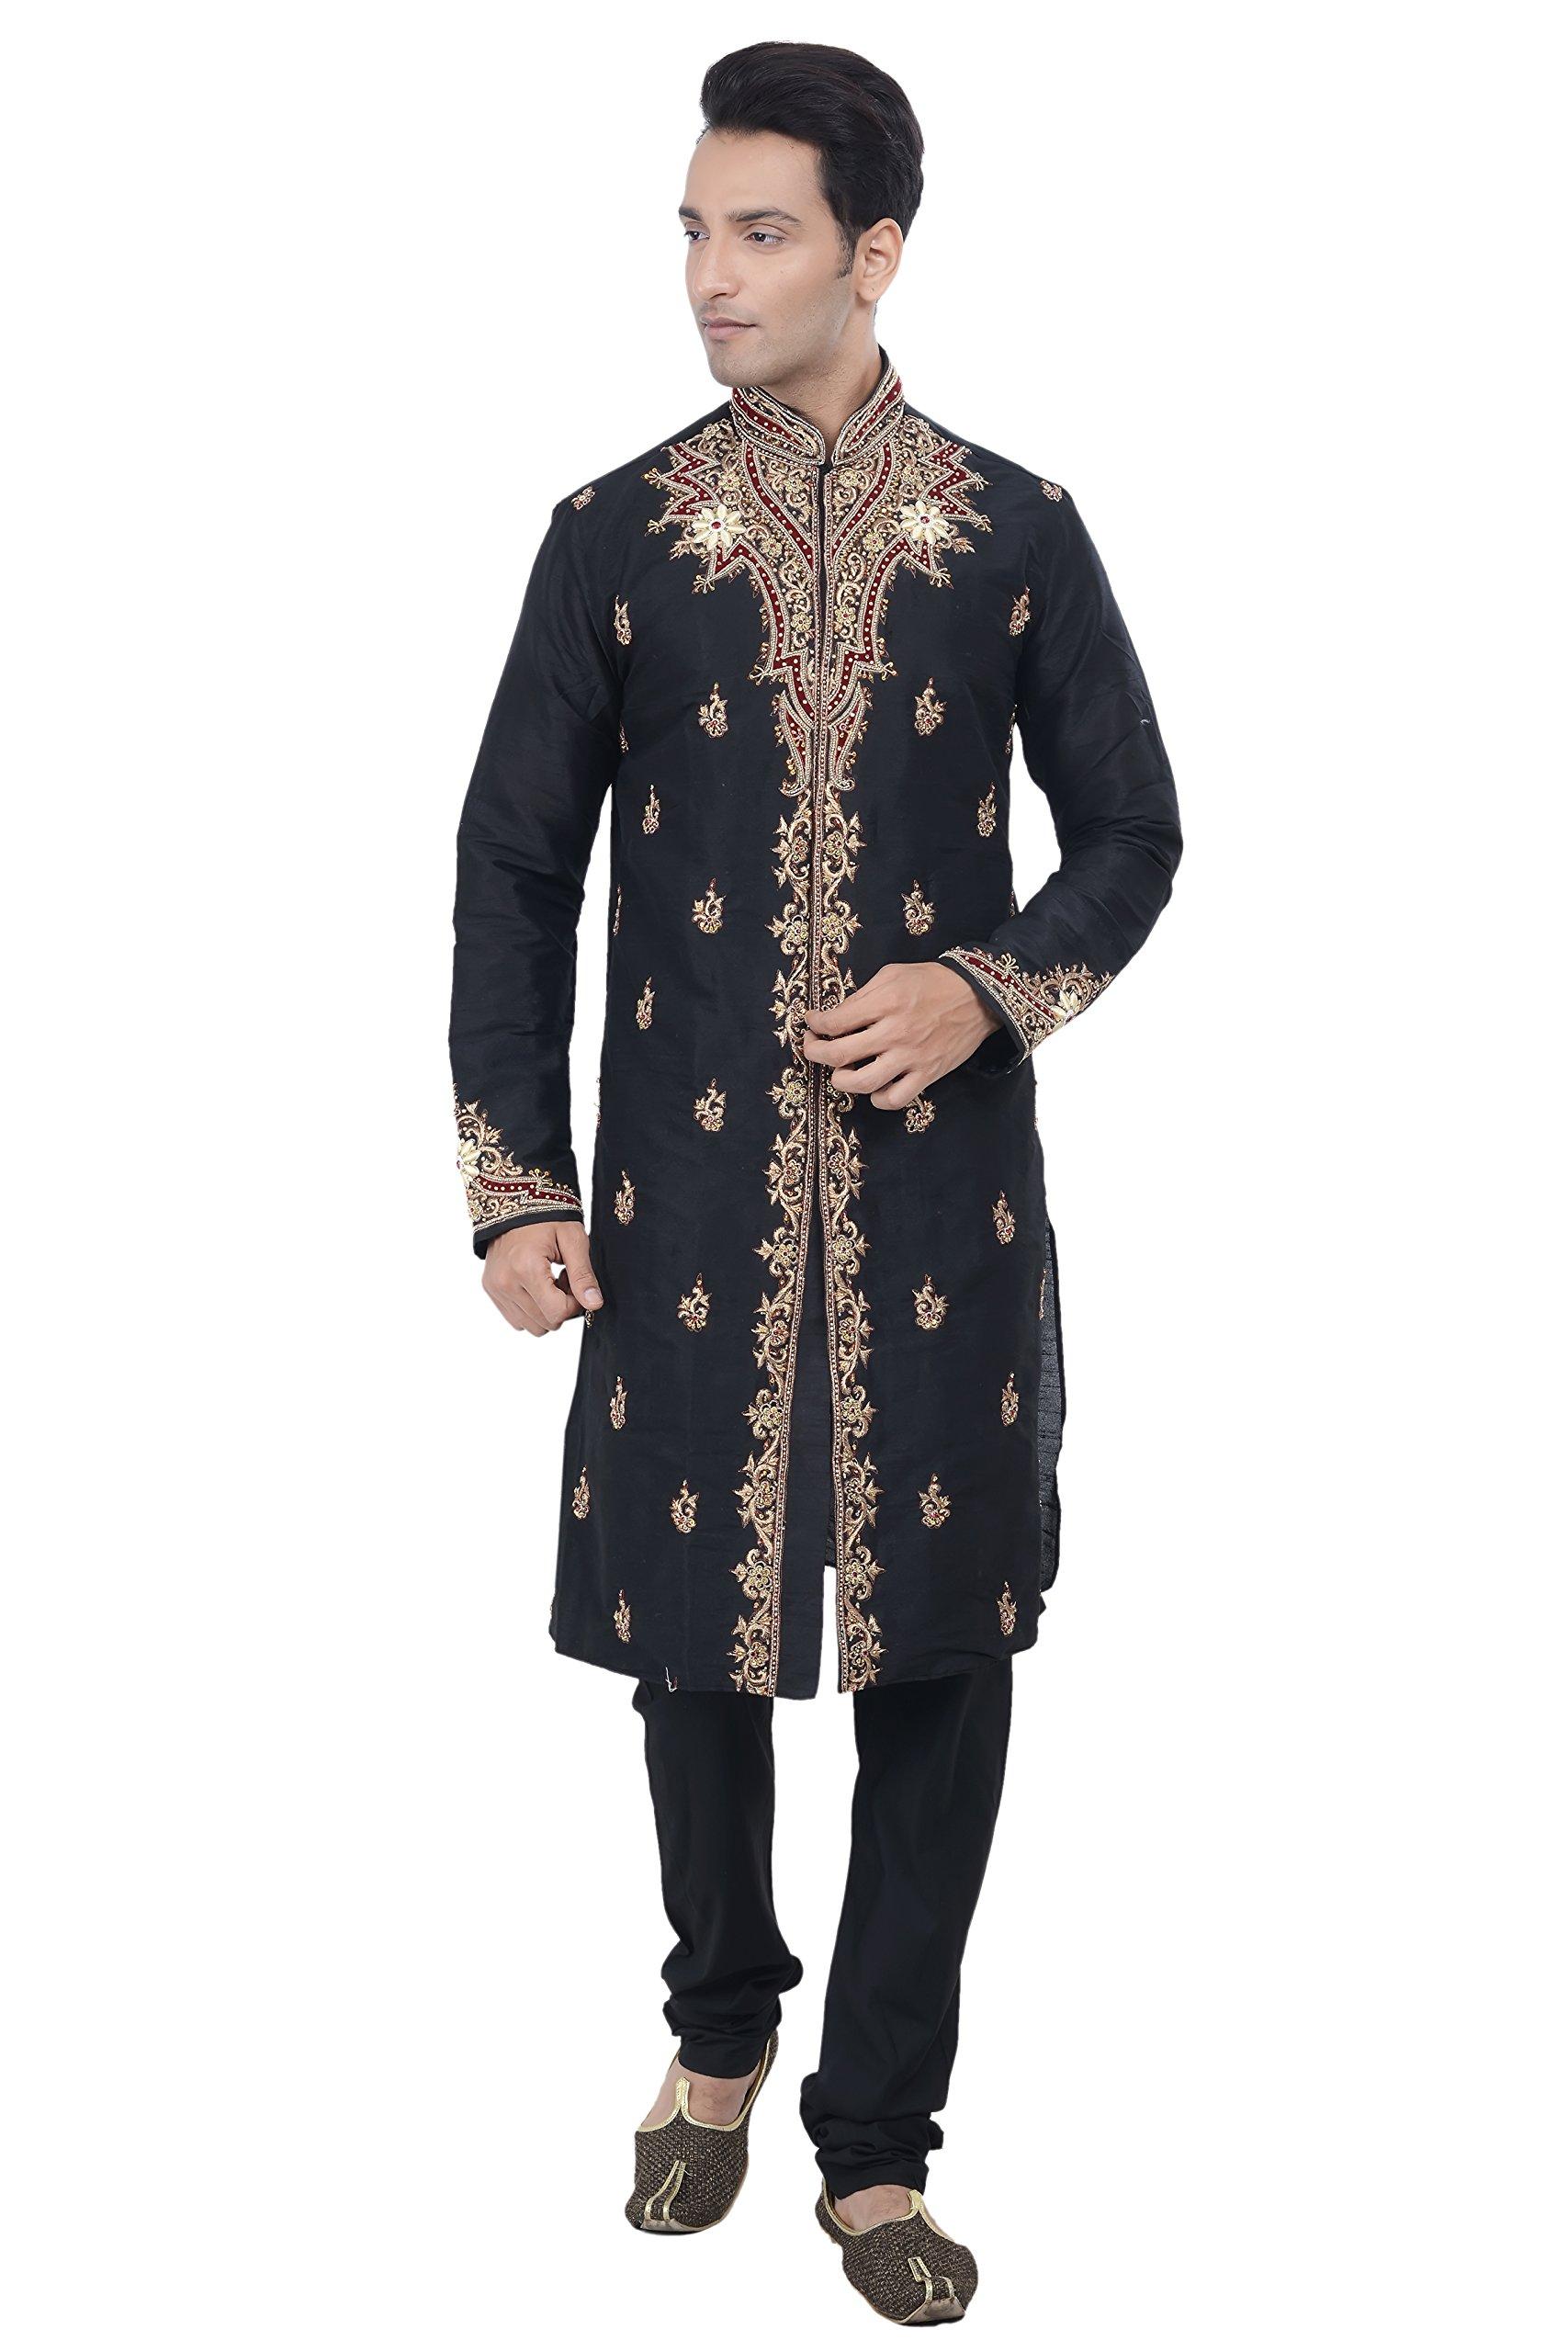 Rajwada Ethnic Indian Design Black Kurta Sherwani for Men 2pc Suit's (XXL (44))